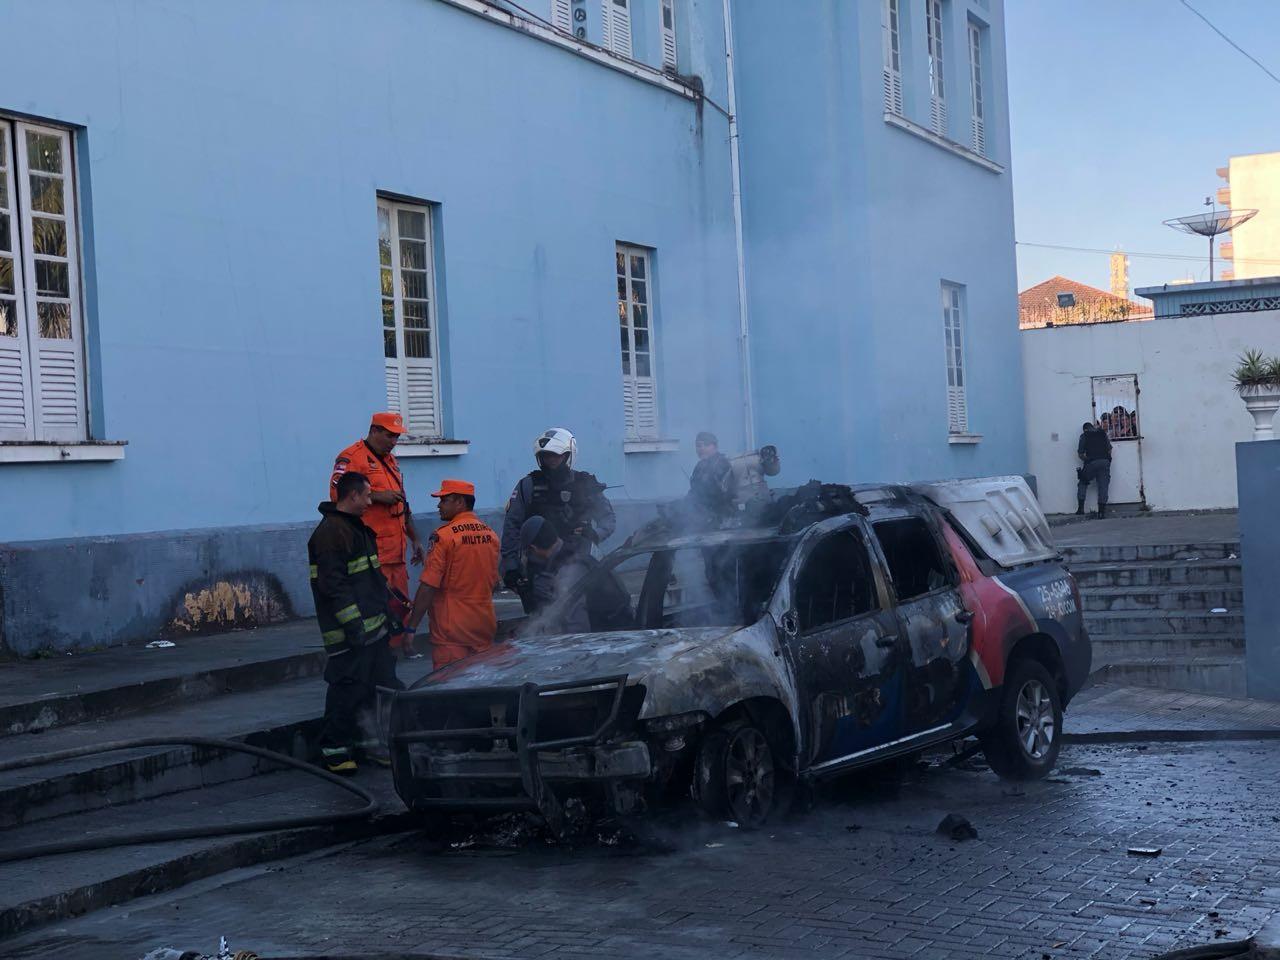 Viatura pega fogo em frente a escola no Centro de Manaus